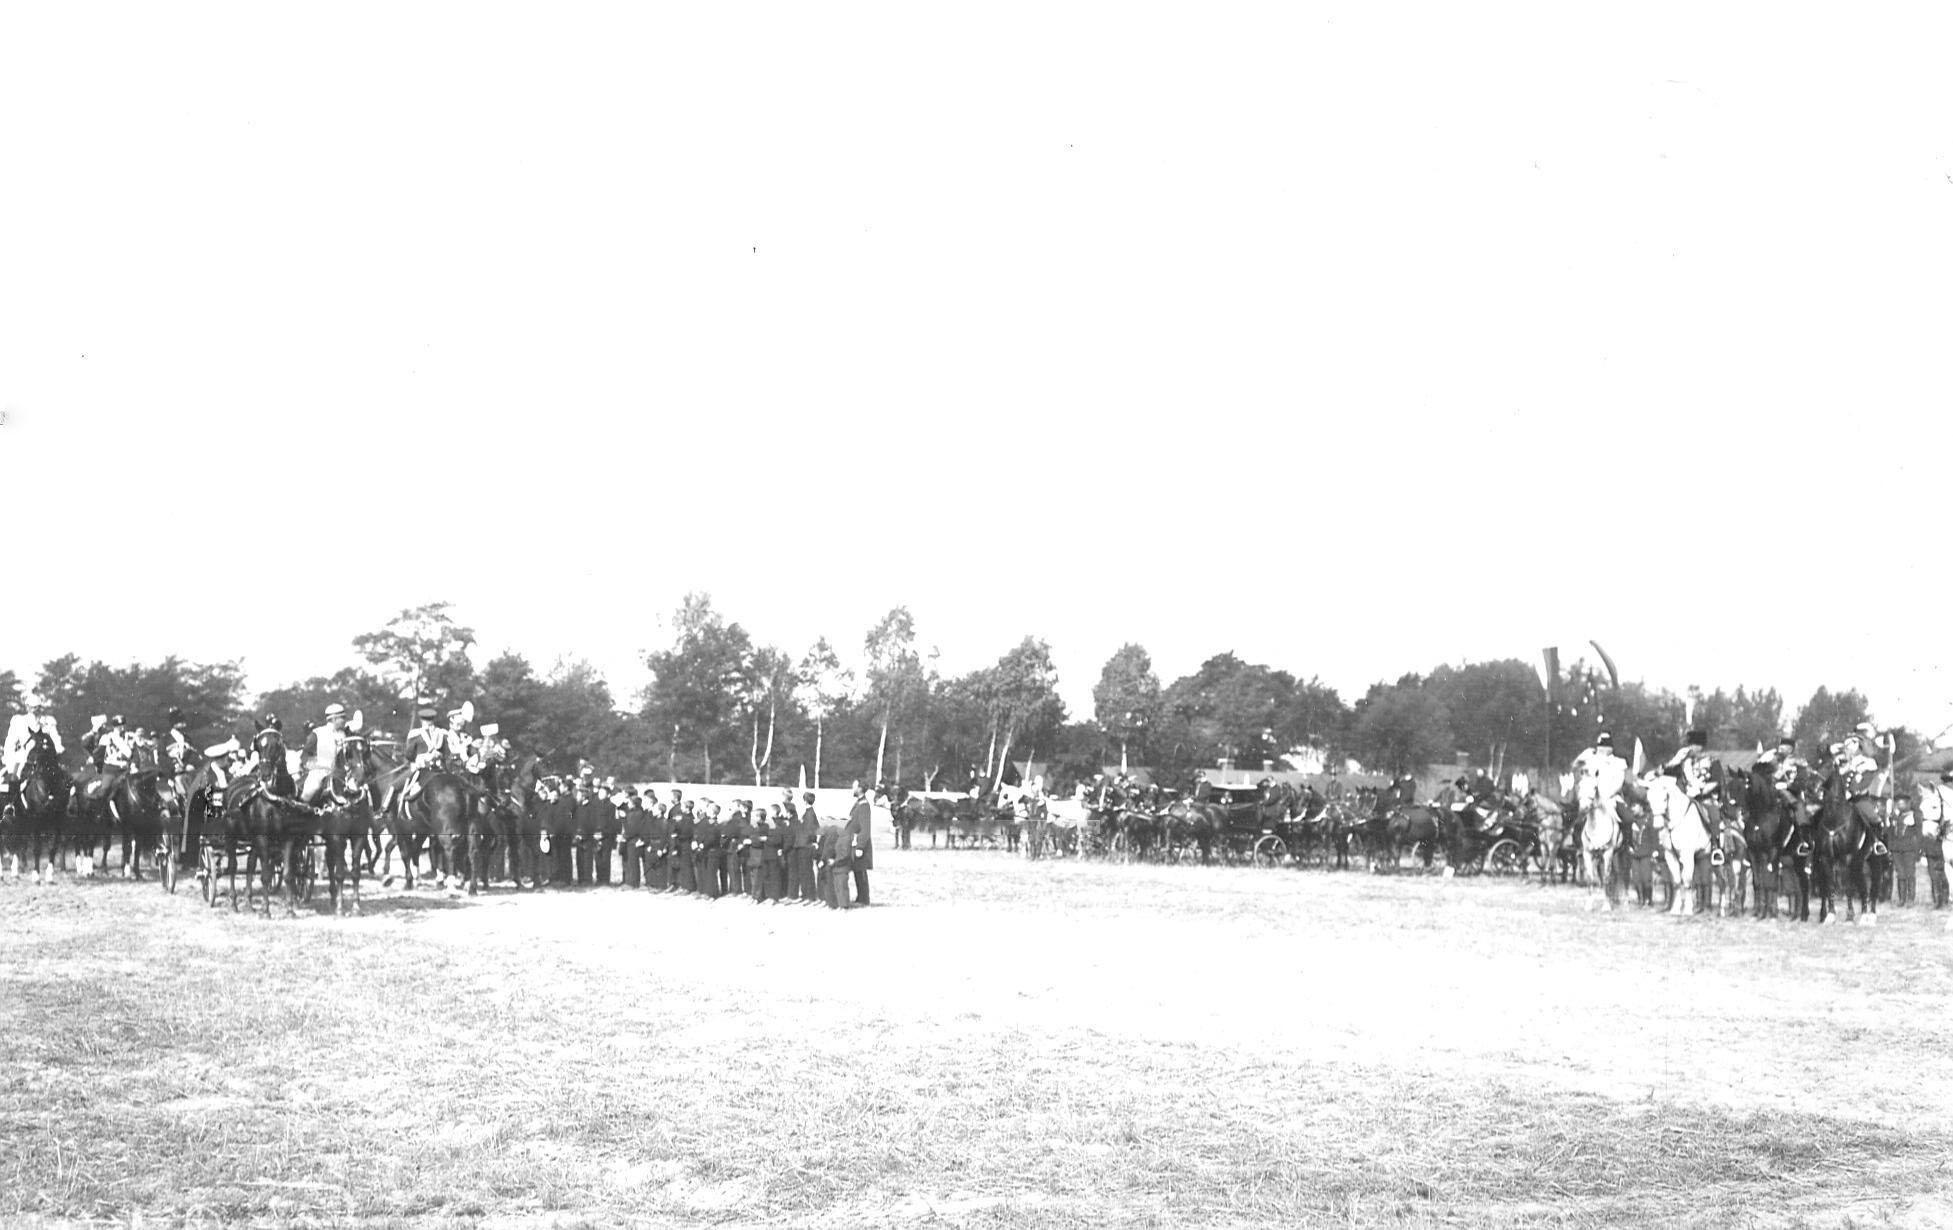 Император Николай II, прибывший на празднование 250-летнего юбилея полка, объезжает школьников полковой школы для детей солдат